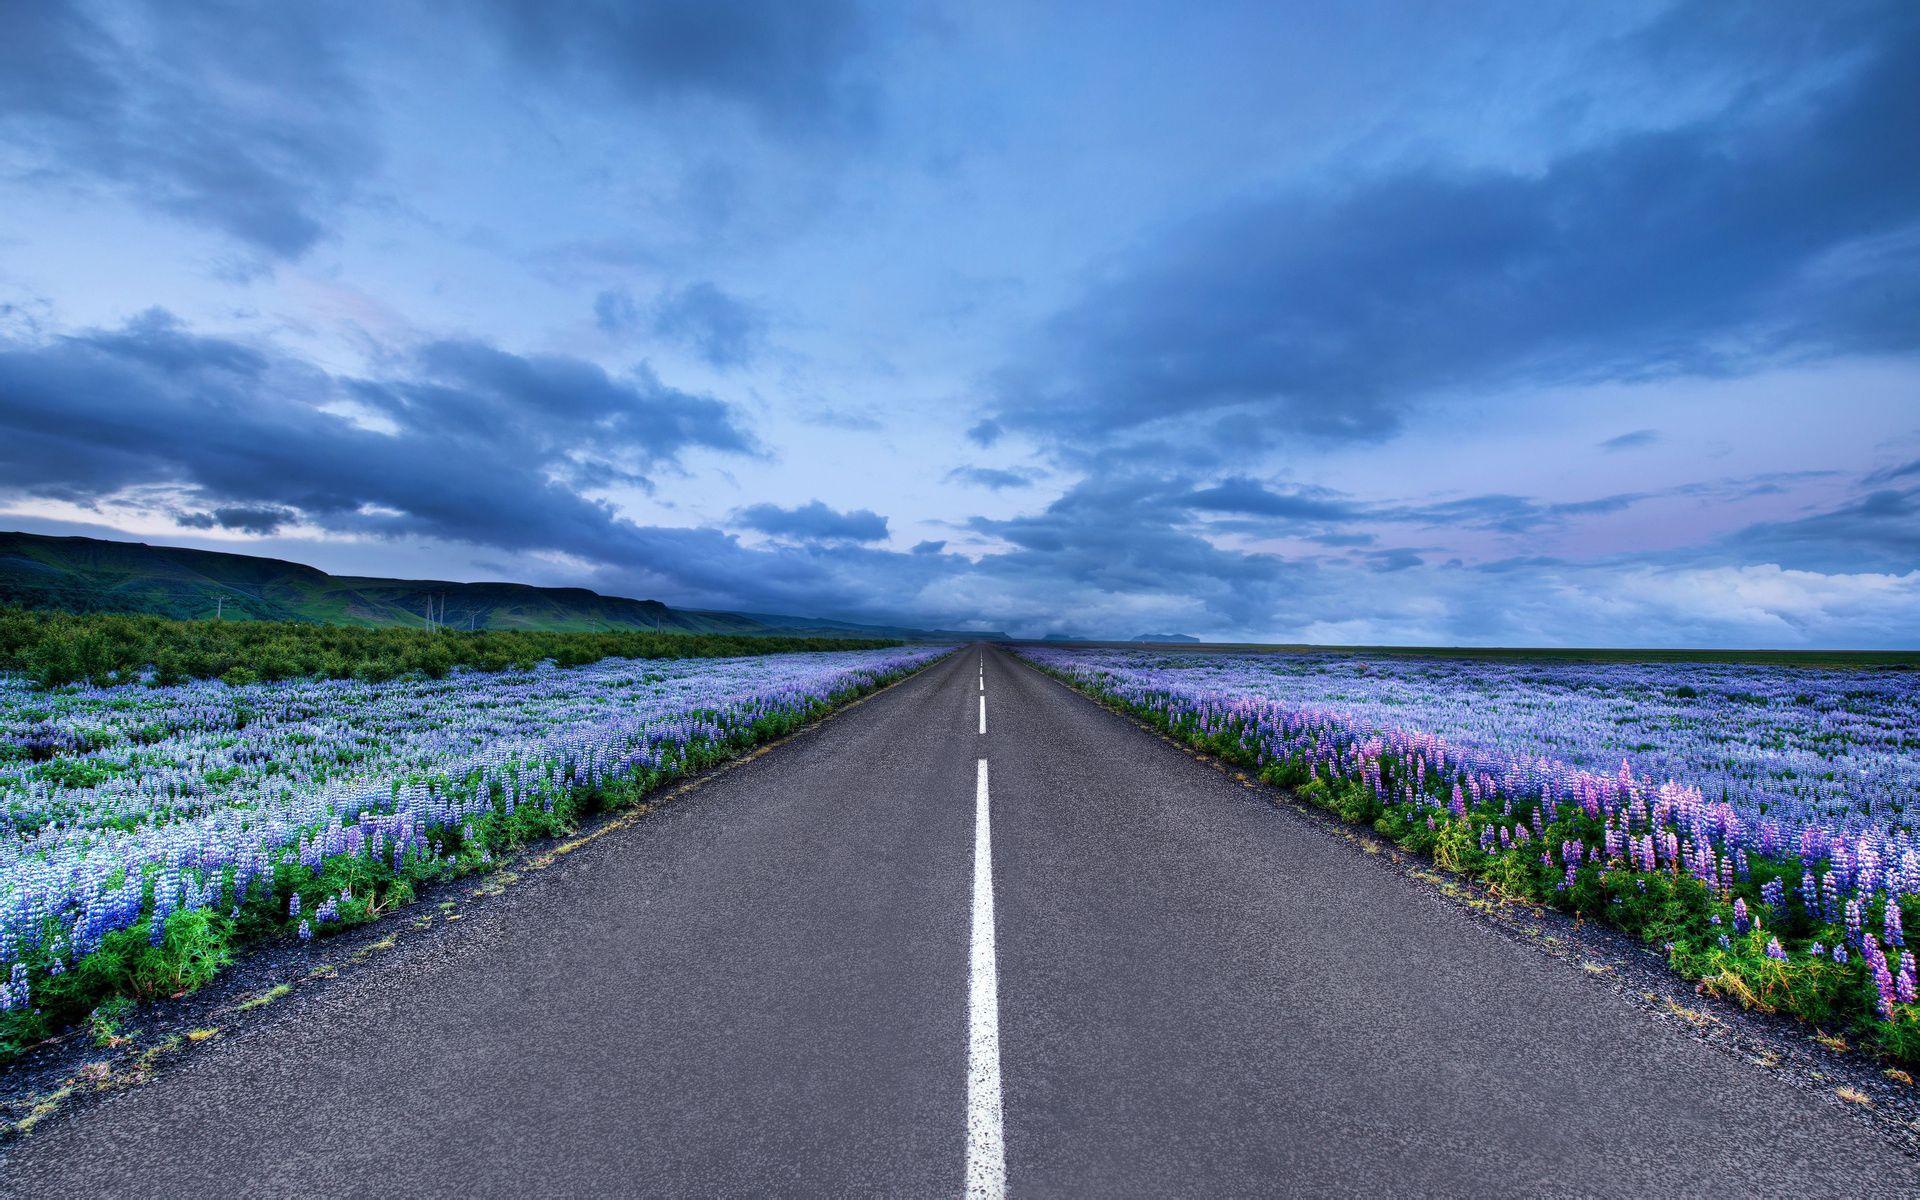 发几个超清壁纸,类似这种公路延伸的,几m都无所谓图片